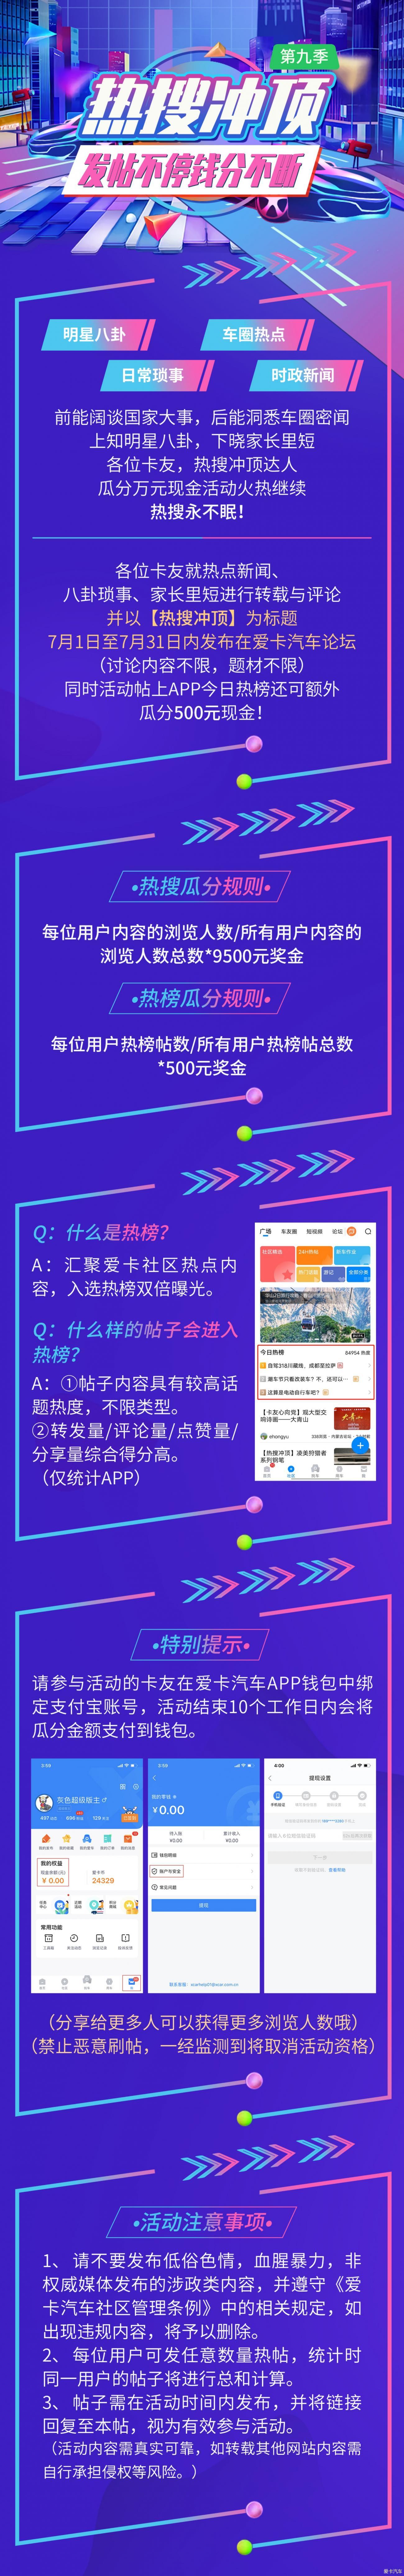 【官方活动】热搜达人冲顶大赛第九季-发帖不断钱分不停